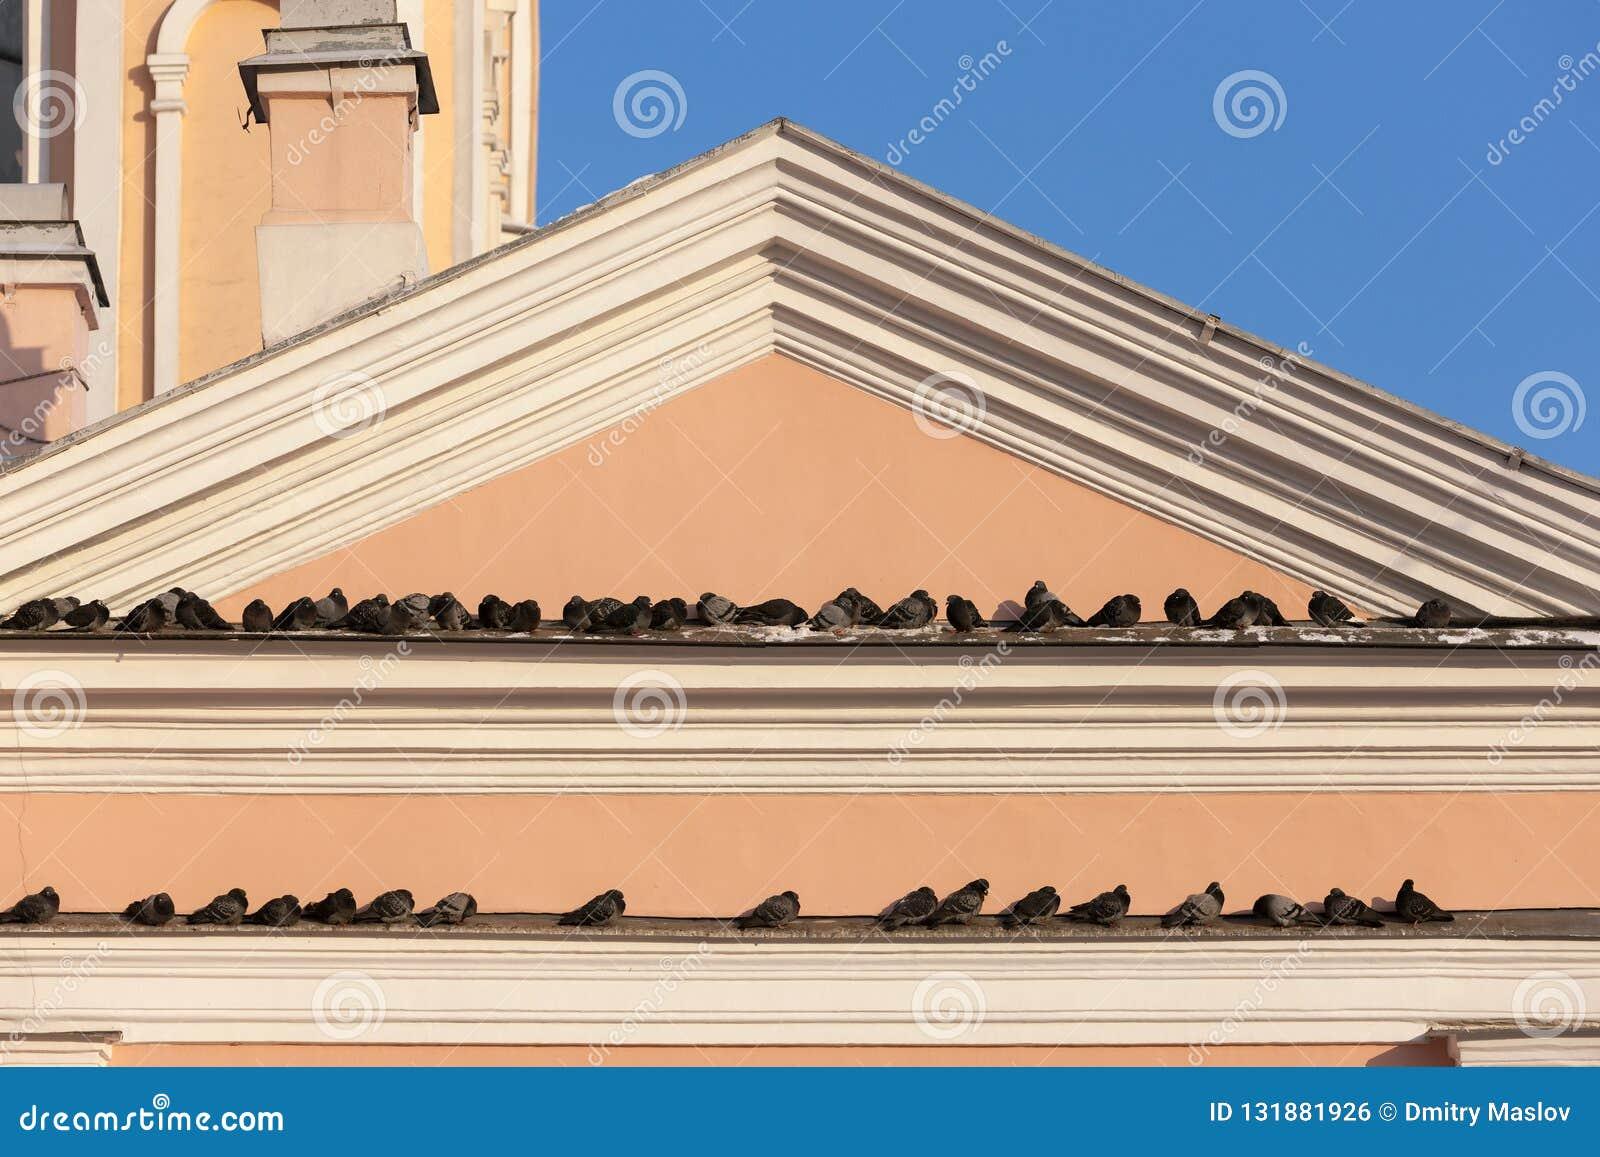 Moltitudine di piccioni sulla gronda